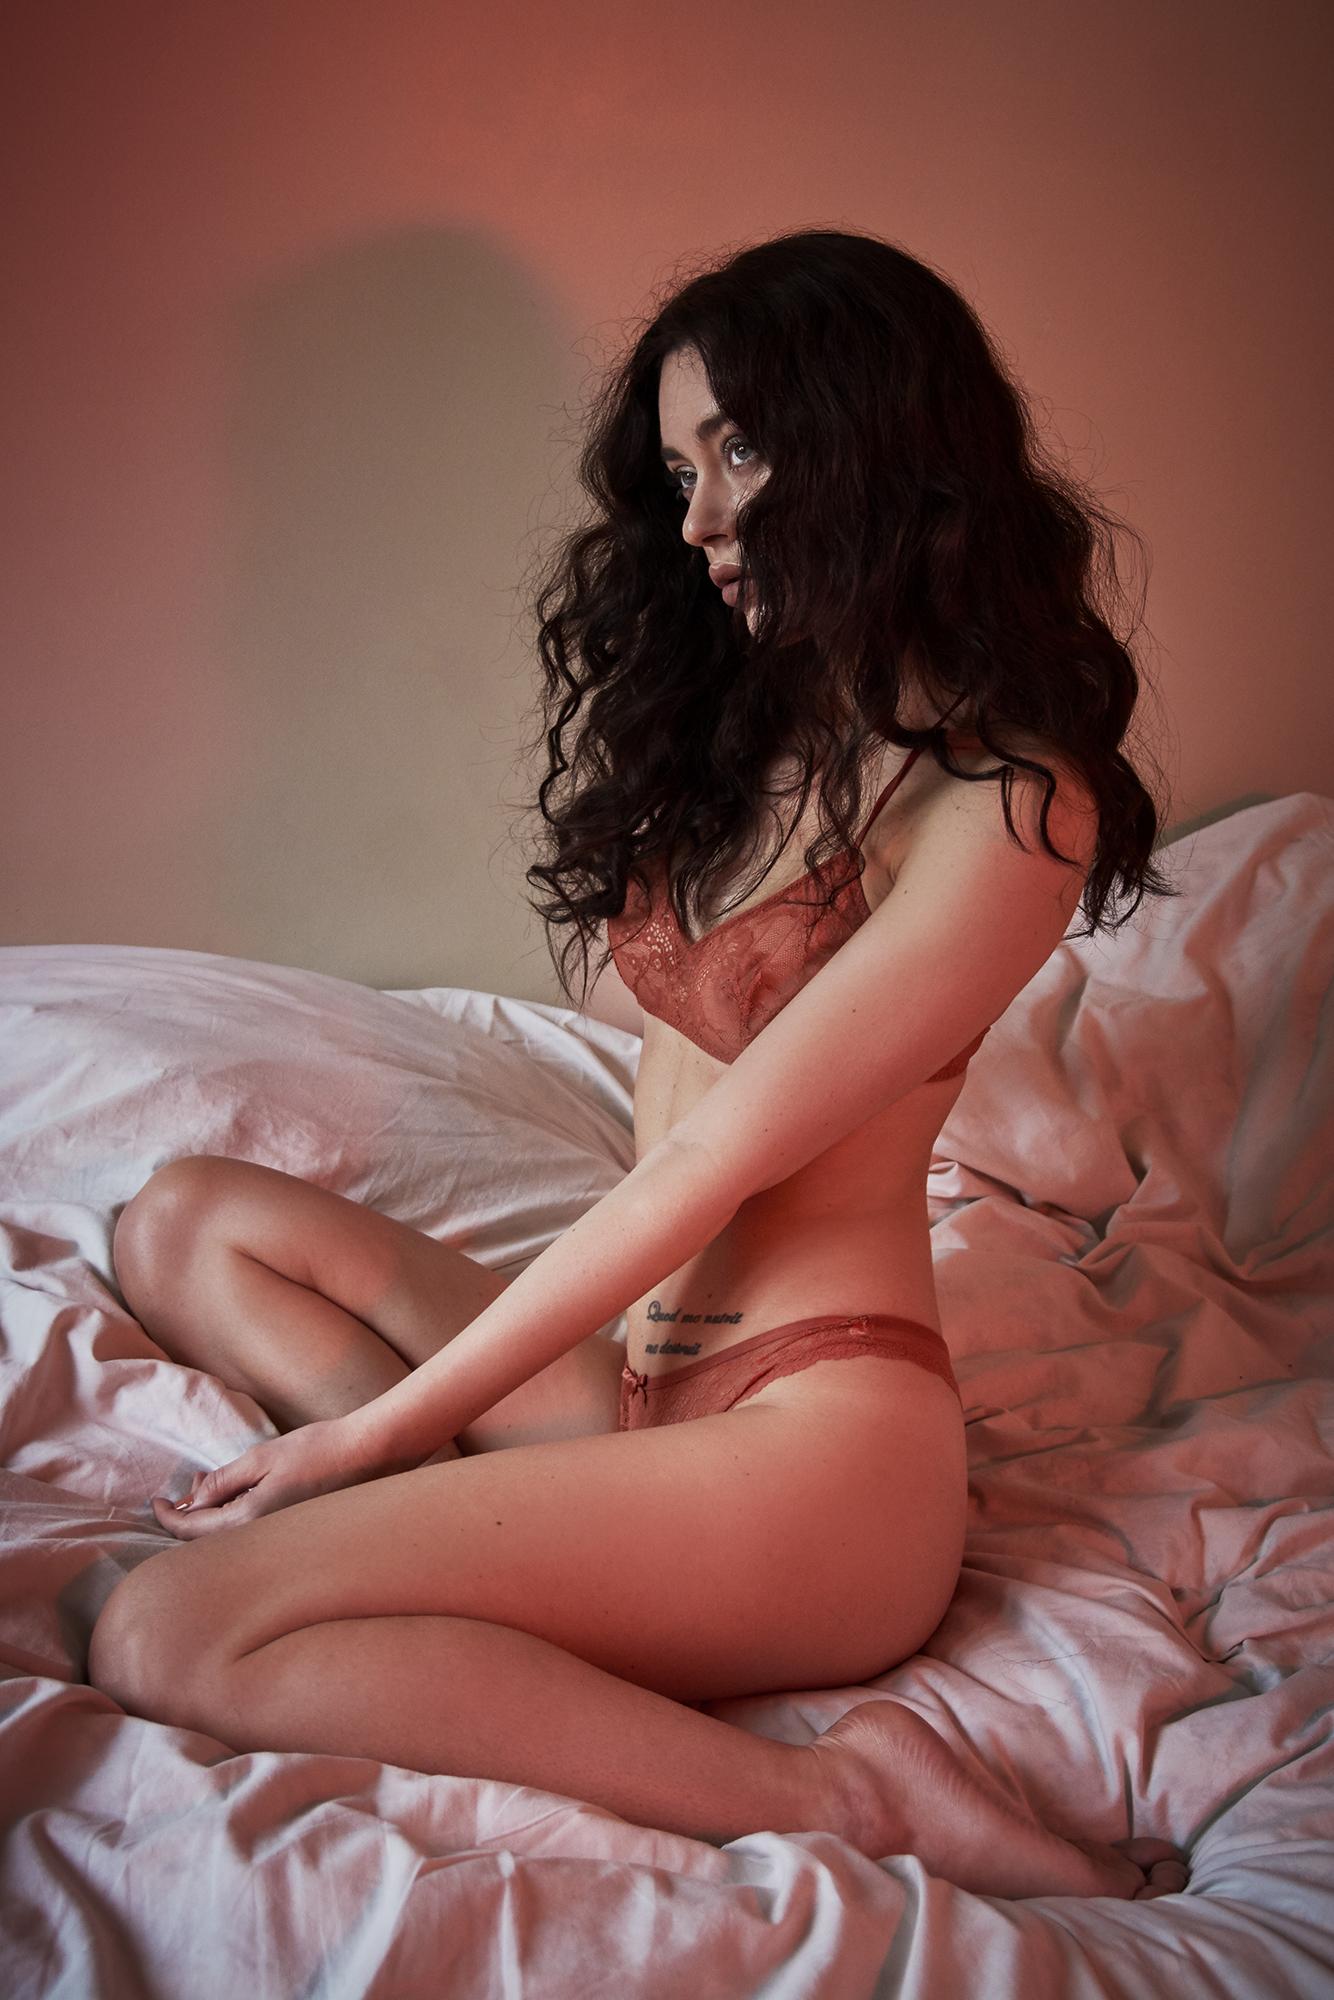 Valentina_07_small.jpg